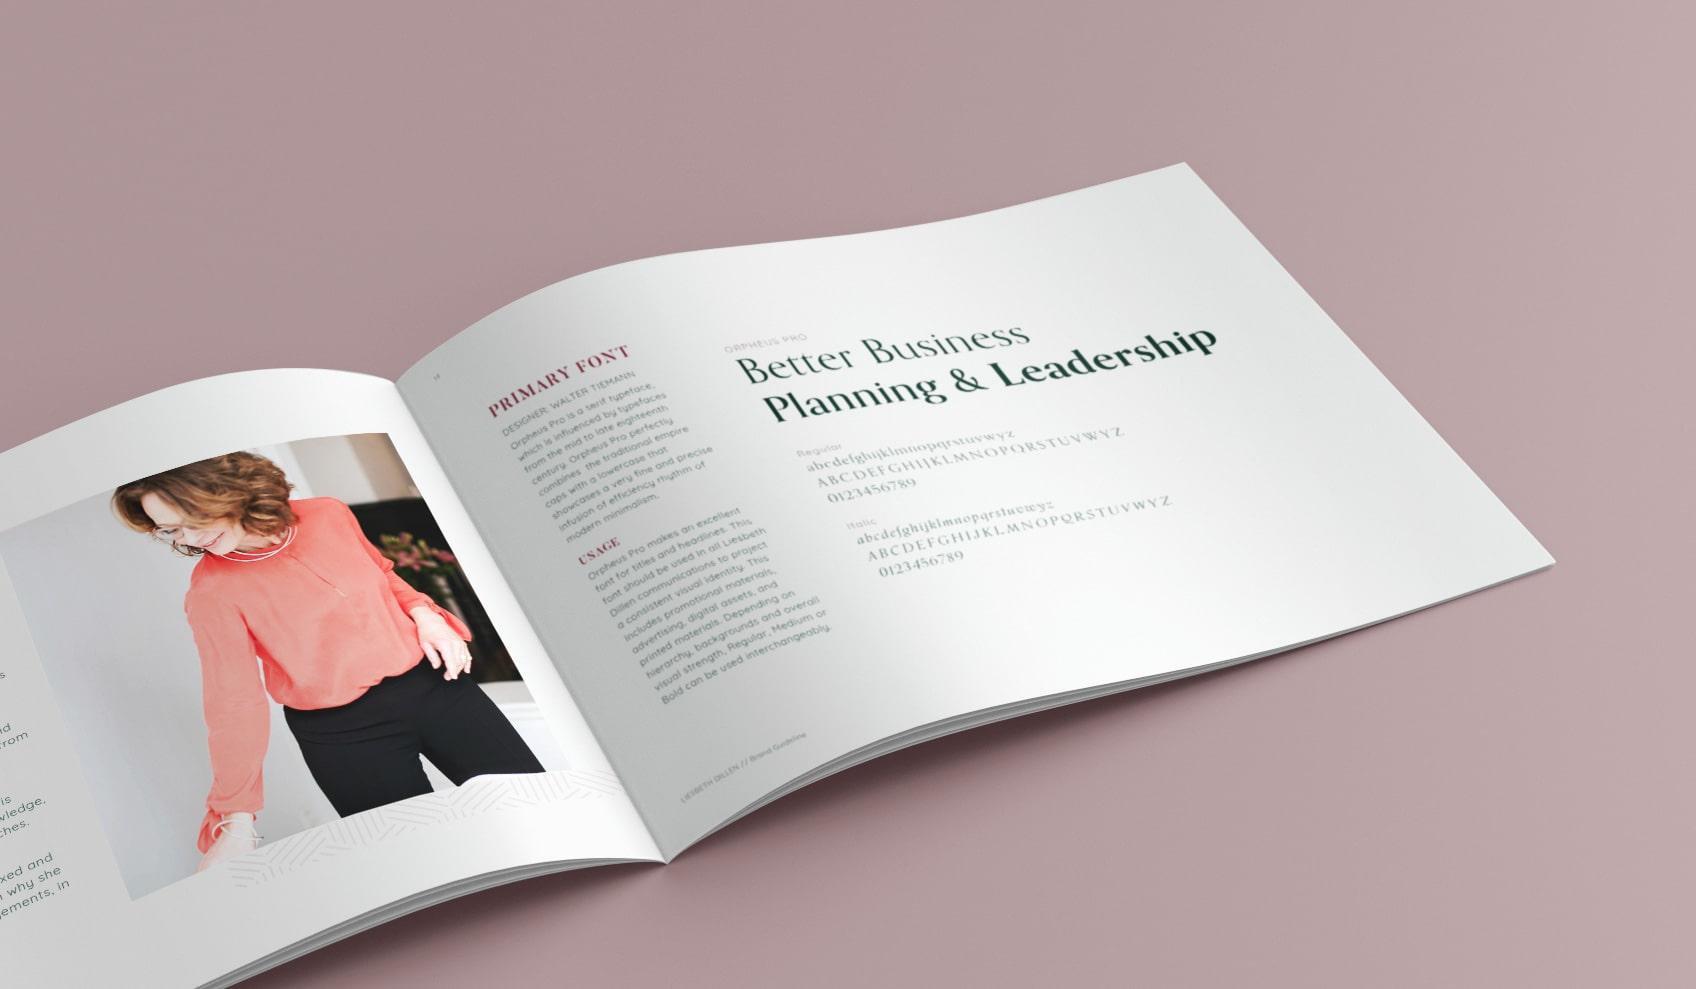 Liesbeth-Dillen-WEB-Brand-Content-VJS-Agency-Brandbook-10-2-min.jpg